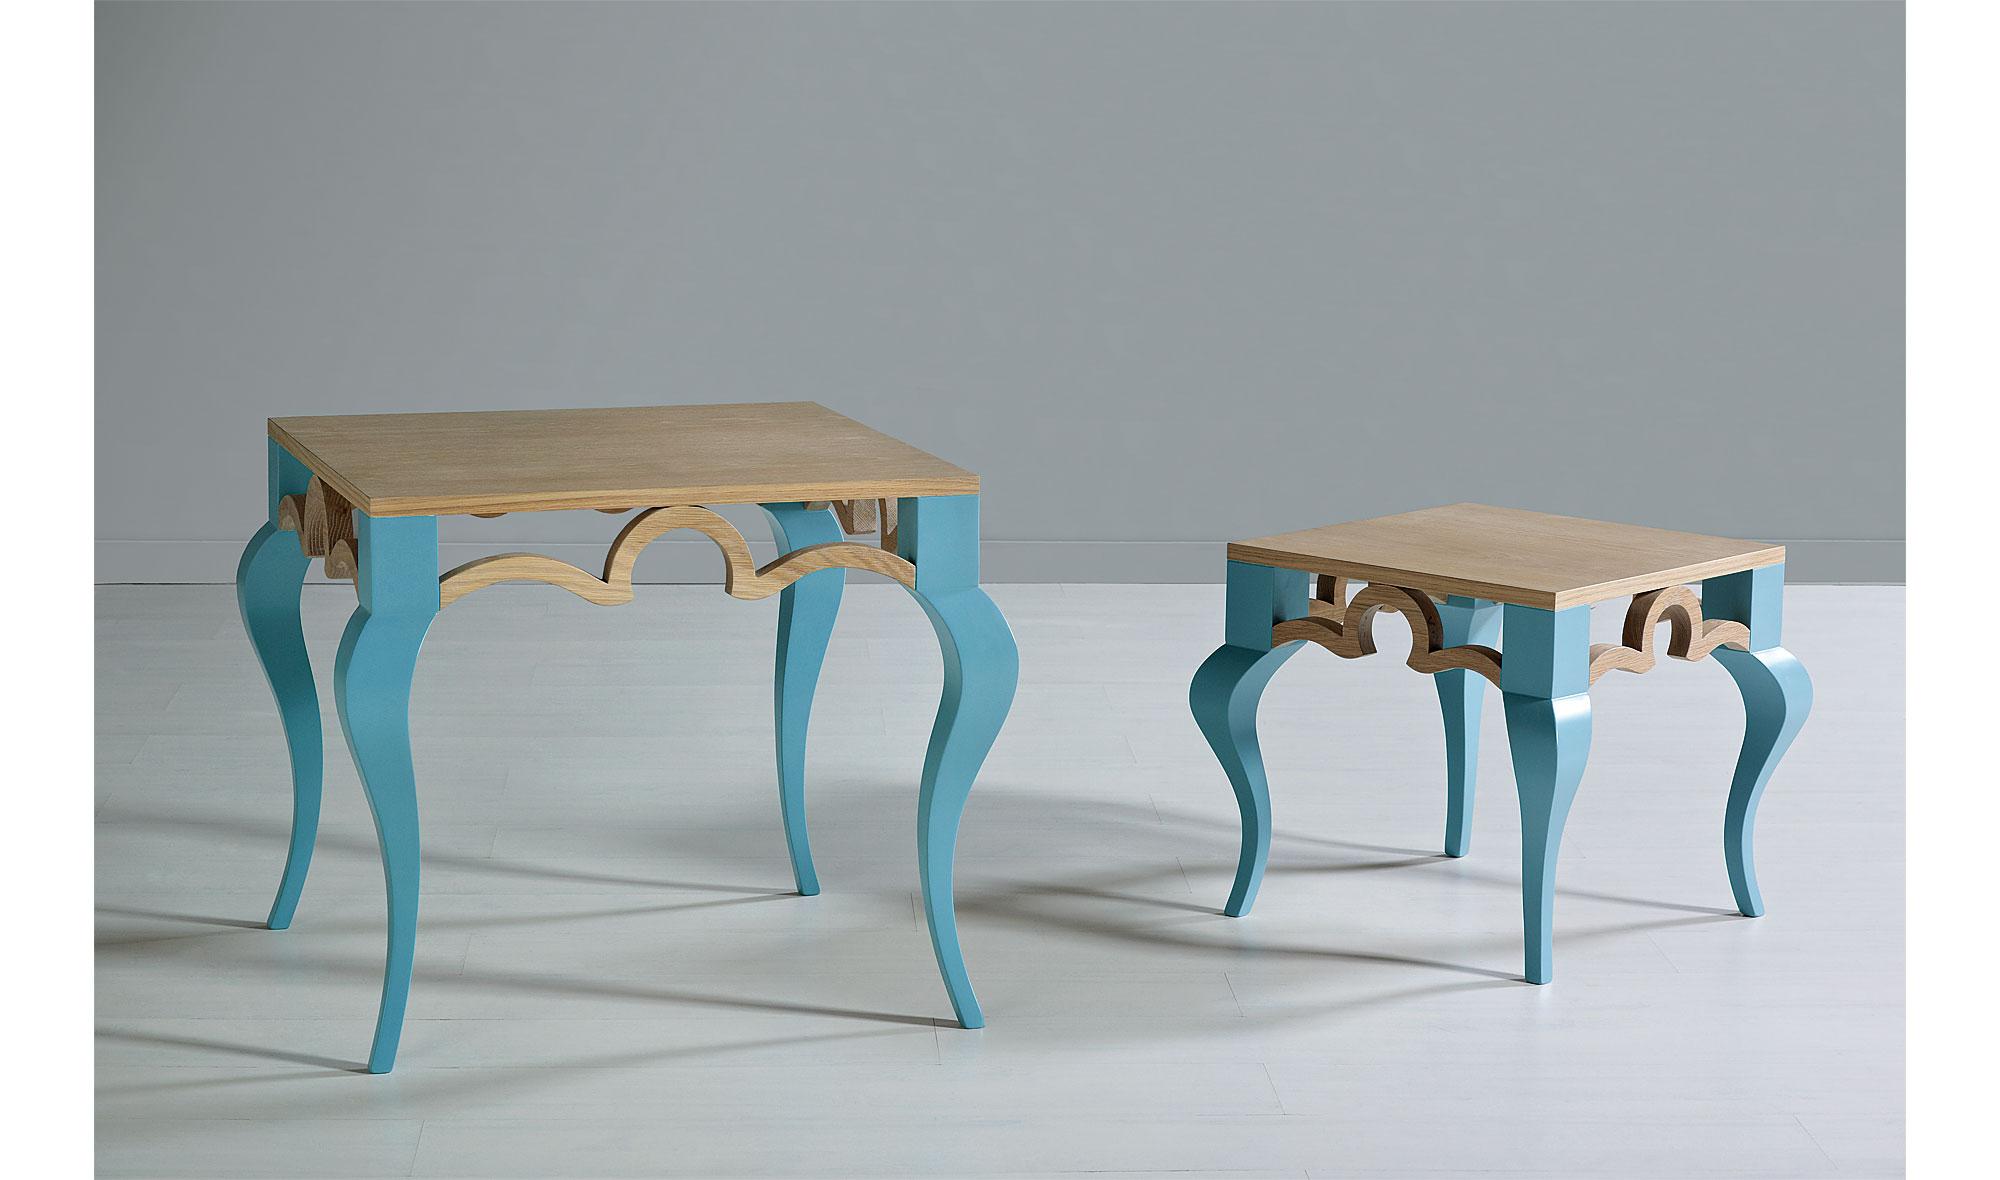 Muebles Jasmine - Mesas Nido Vintage Jasmine En La Tienda De Cabeceros De[mjhdah]https://s-media-cache-ak0.pinimg.com/originals/4b/9f/30/4b9f30d2548e5e1ca6ec64e0d0f50e41.jpg